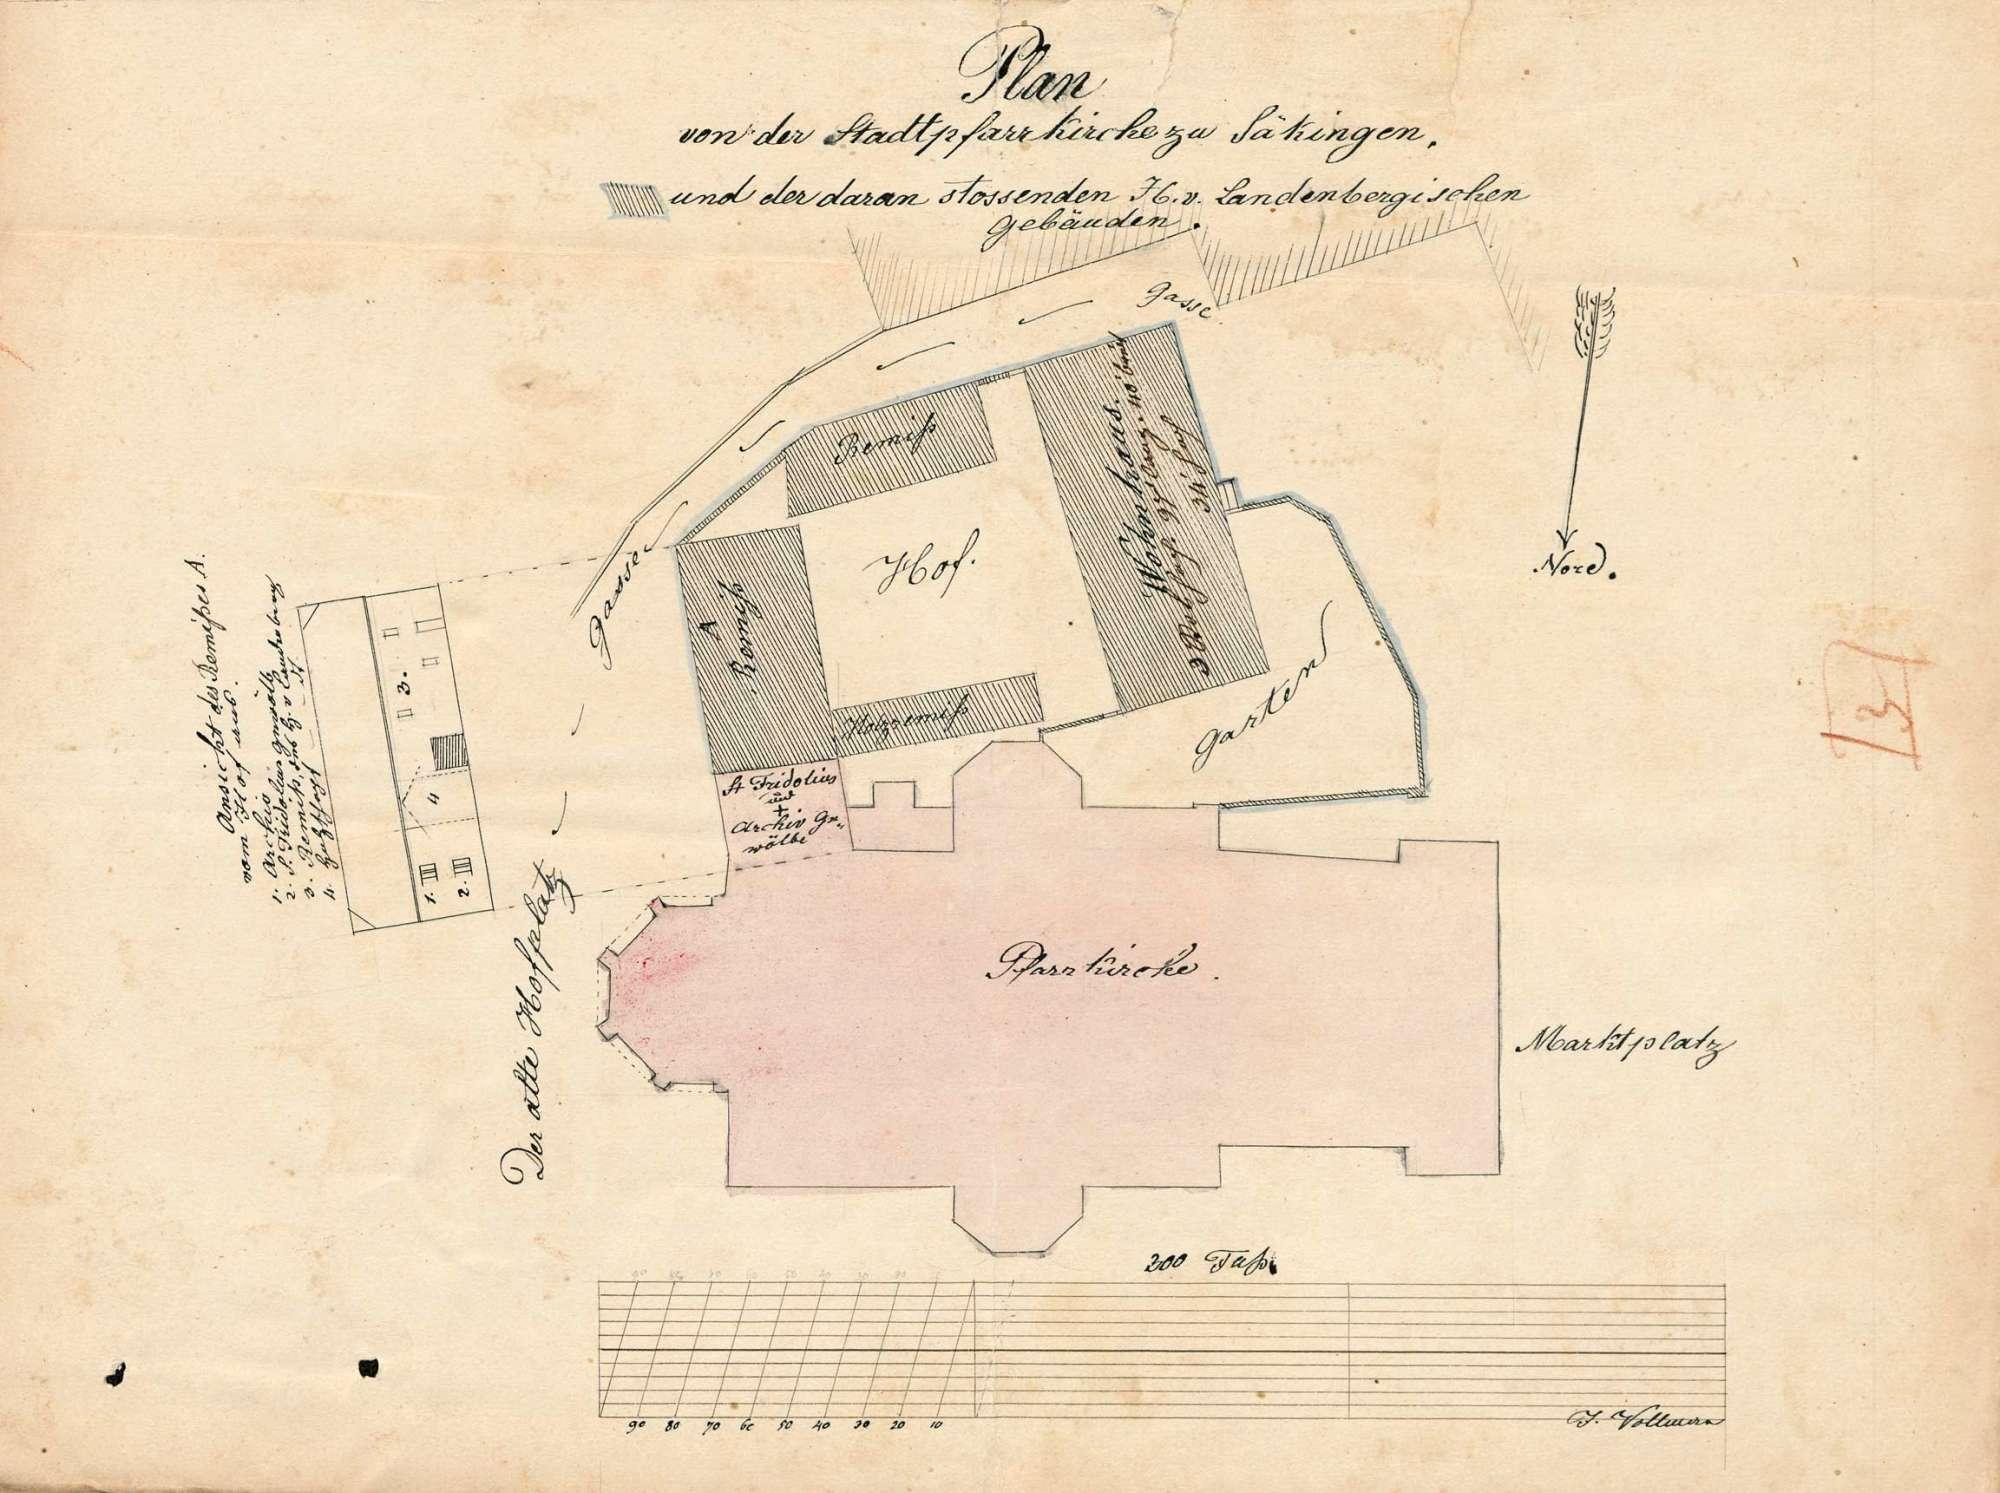 Gesuch des J. Bally-Kym von Schönenwerd/Kanton Solothurn um Staatsgenehmigung zum Betrieb der Seidenbandfabrik in Säckingen sowie zum Ankauf des Freiherrlich von Landenberg